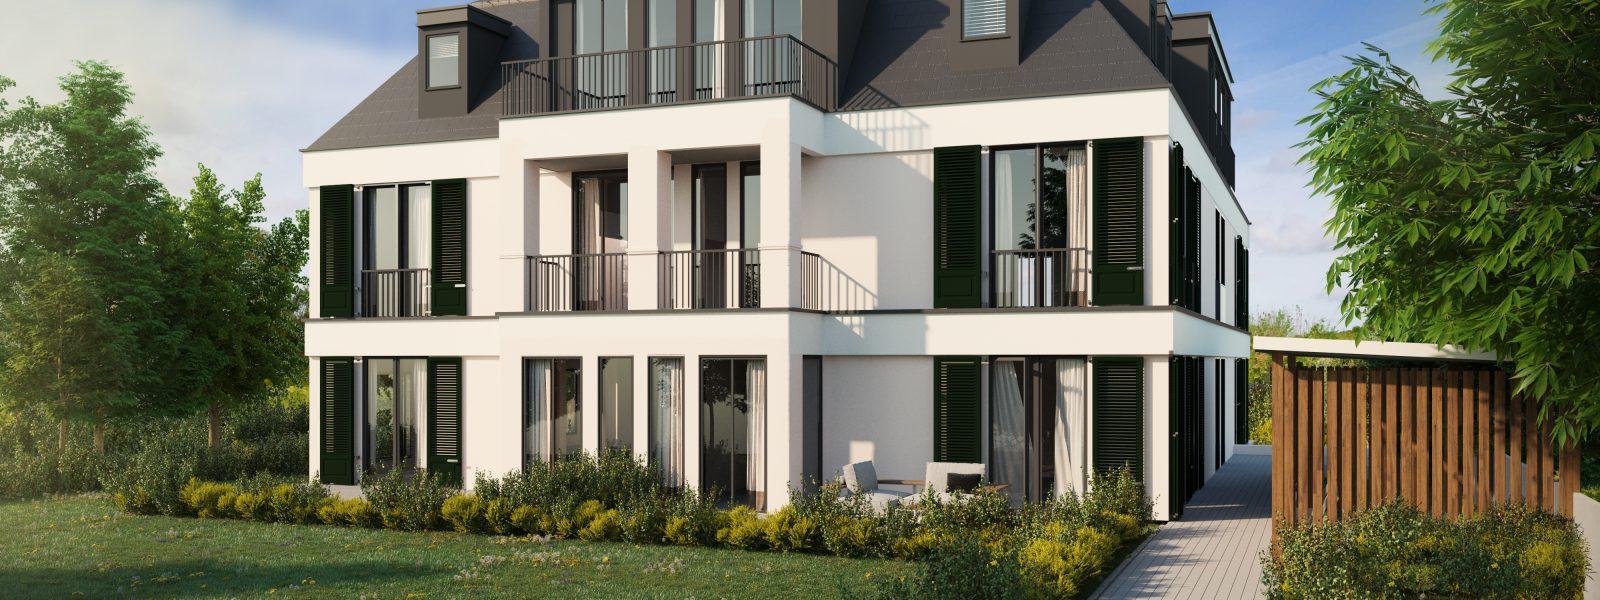 Herausragende Wohnungen im Westen Berlins: Villa Galant